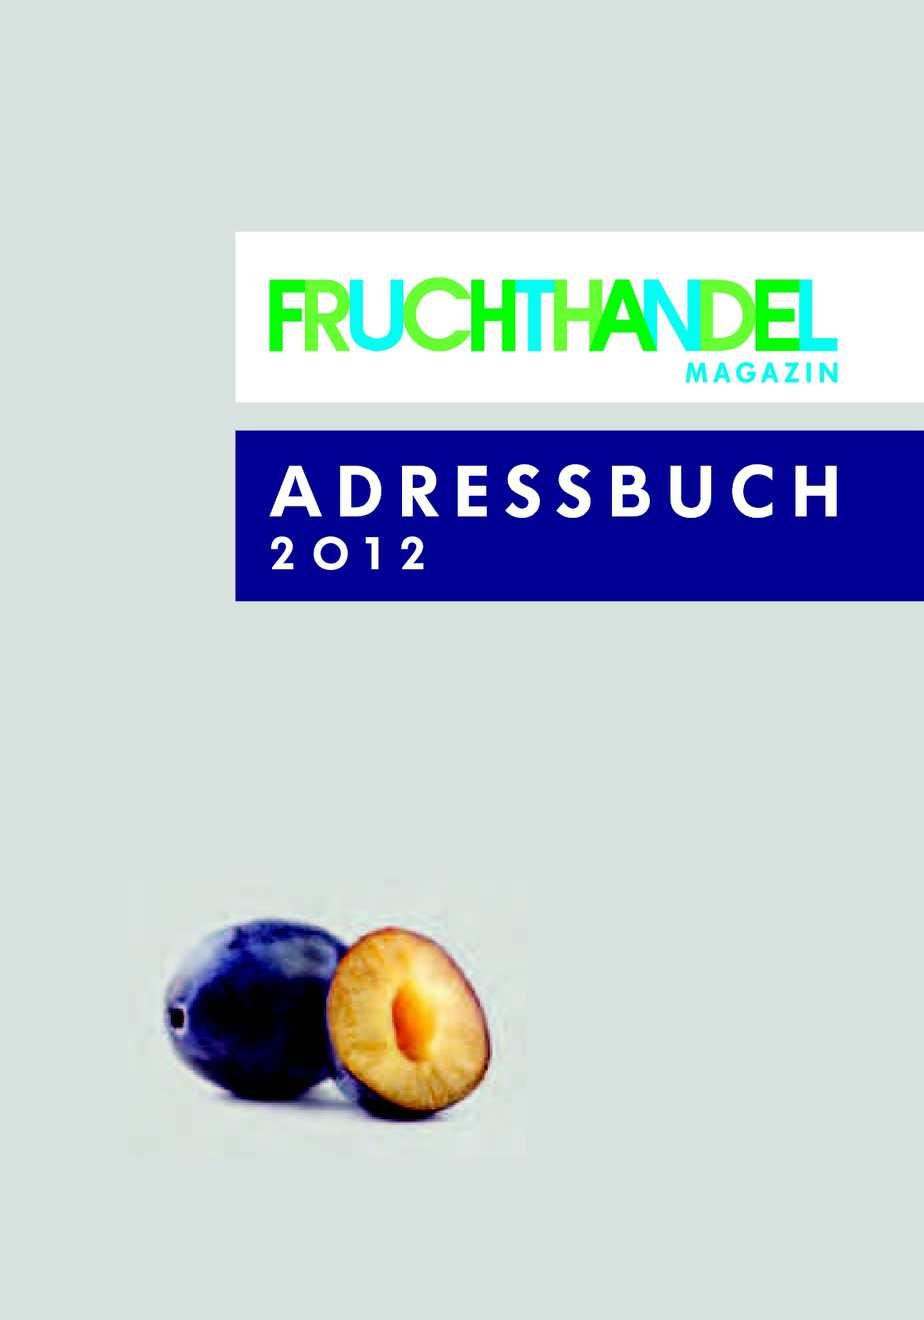 bauer duell architektur badenweiler